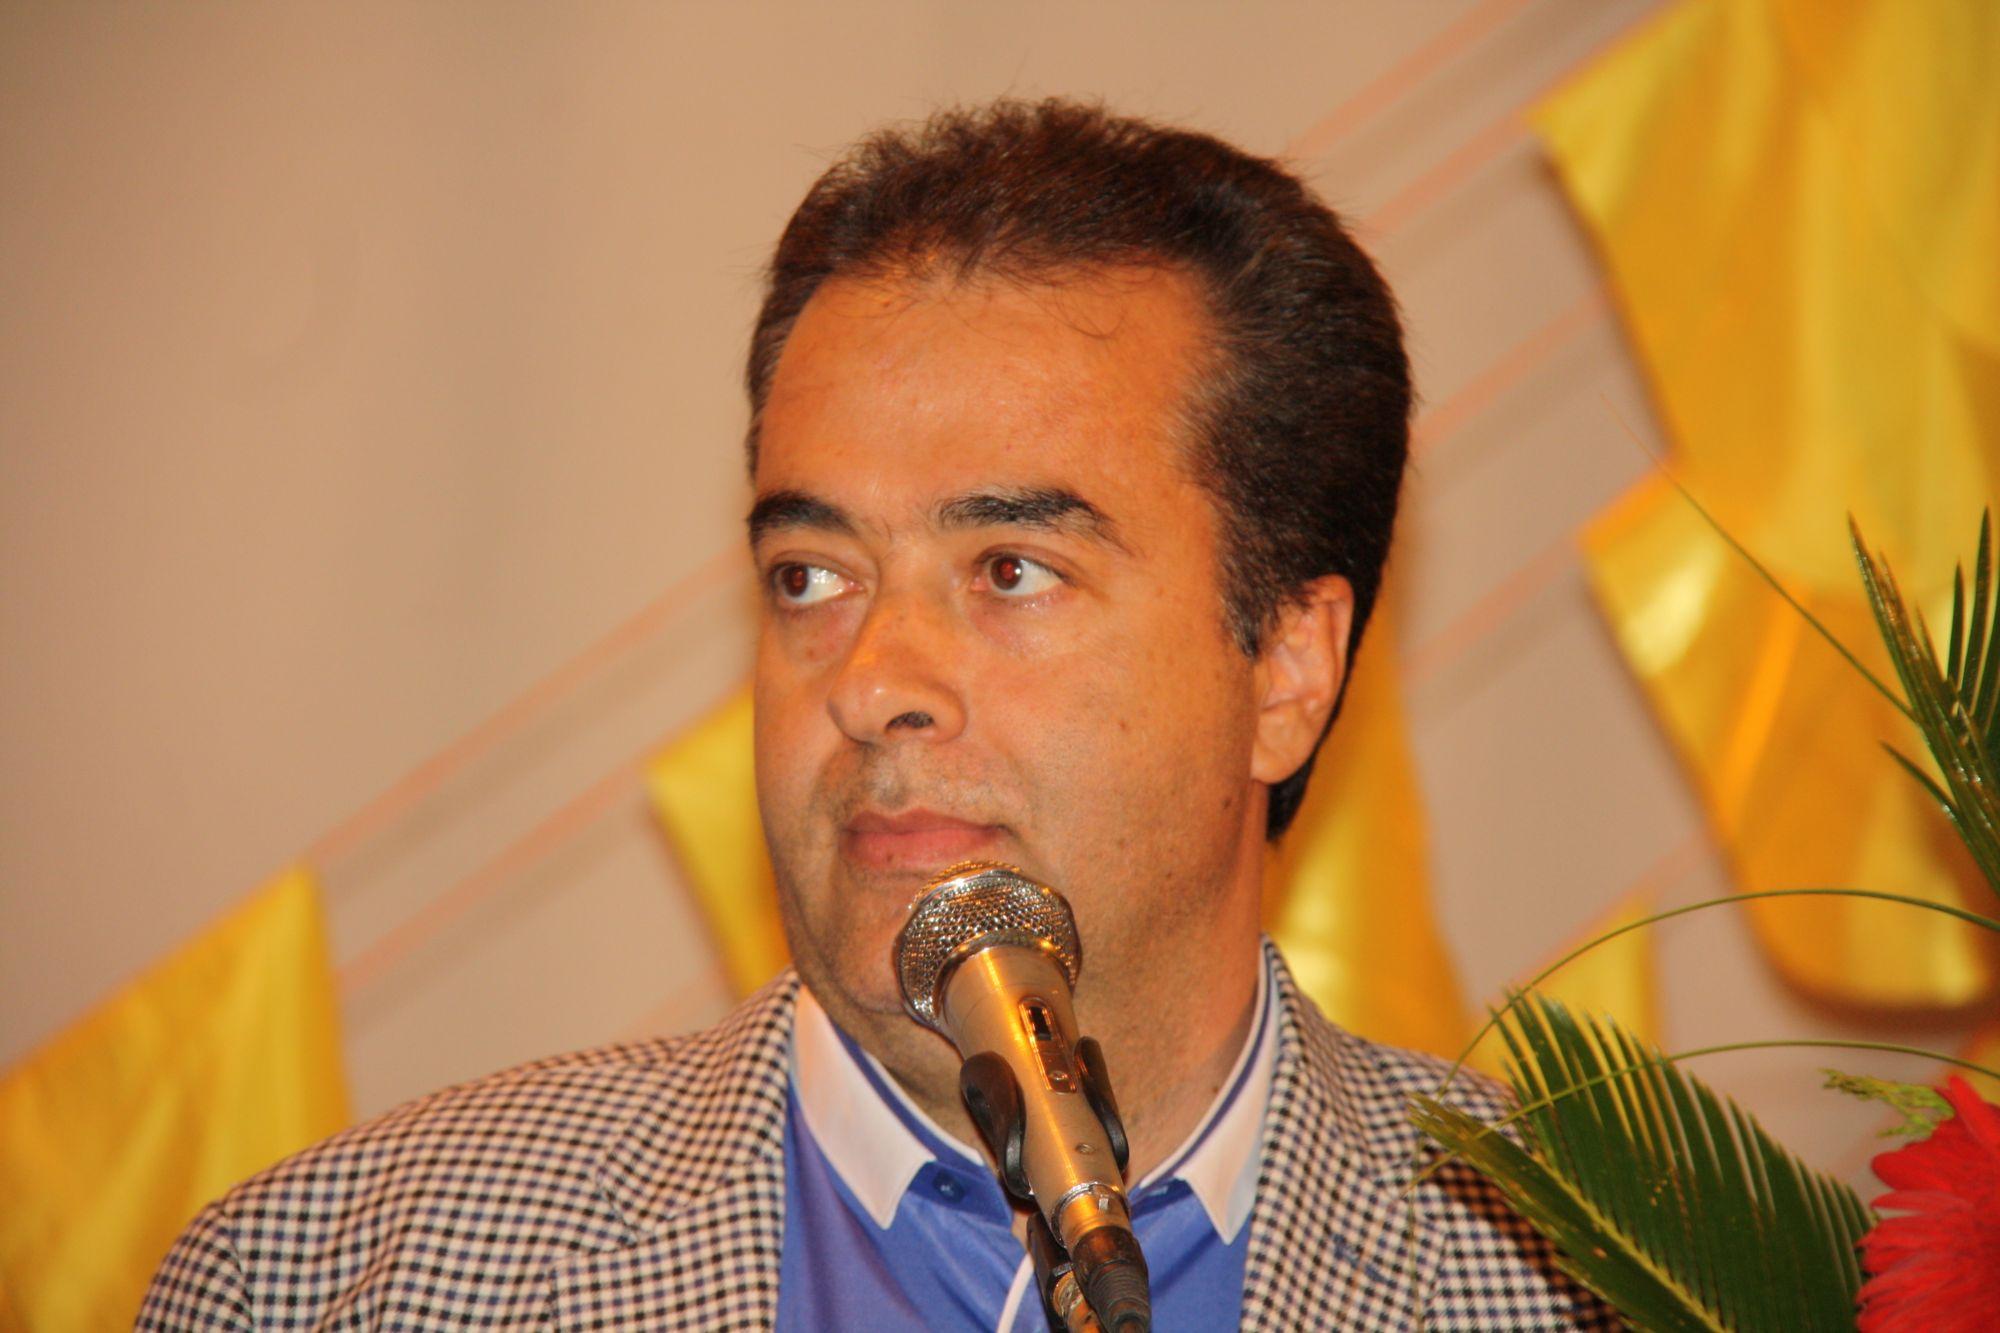 شهردار ورامین:راه آهن شهر ورامین را به دو تکه تقسیم کرده است